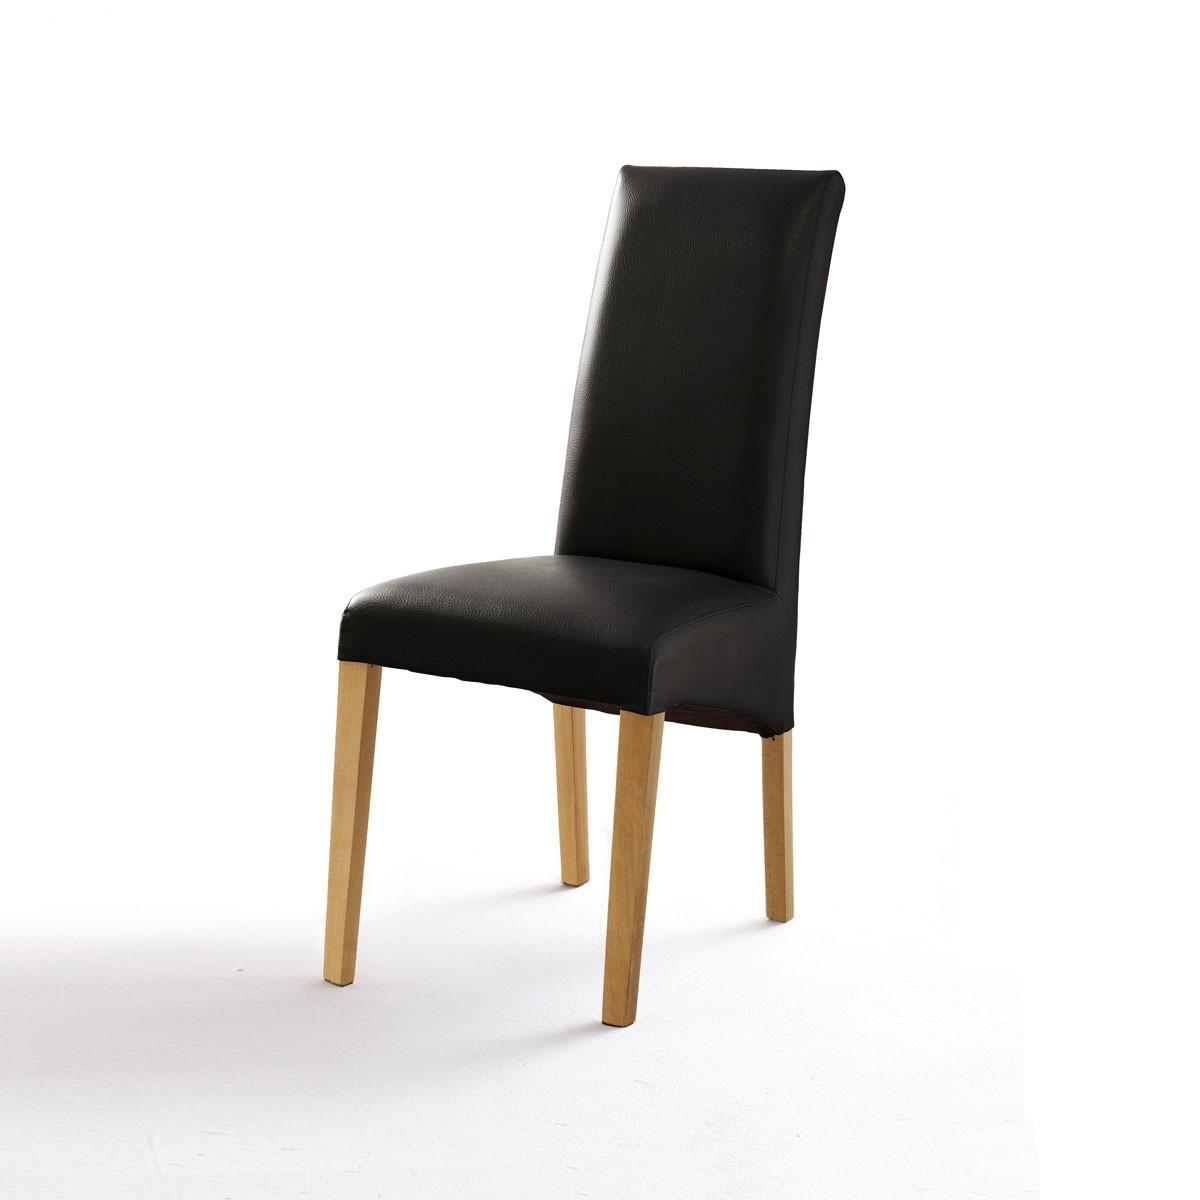 polsterstuhl foxi 2er set in kunstleder schwarz buche. Black Bedroom Furniture Sets. Home Design Ideas